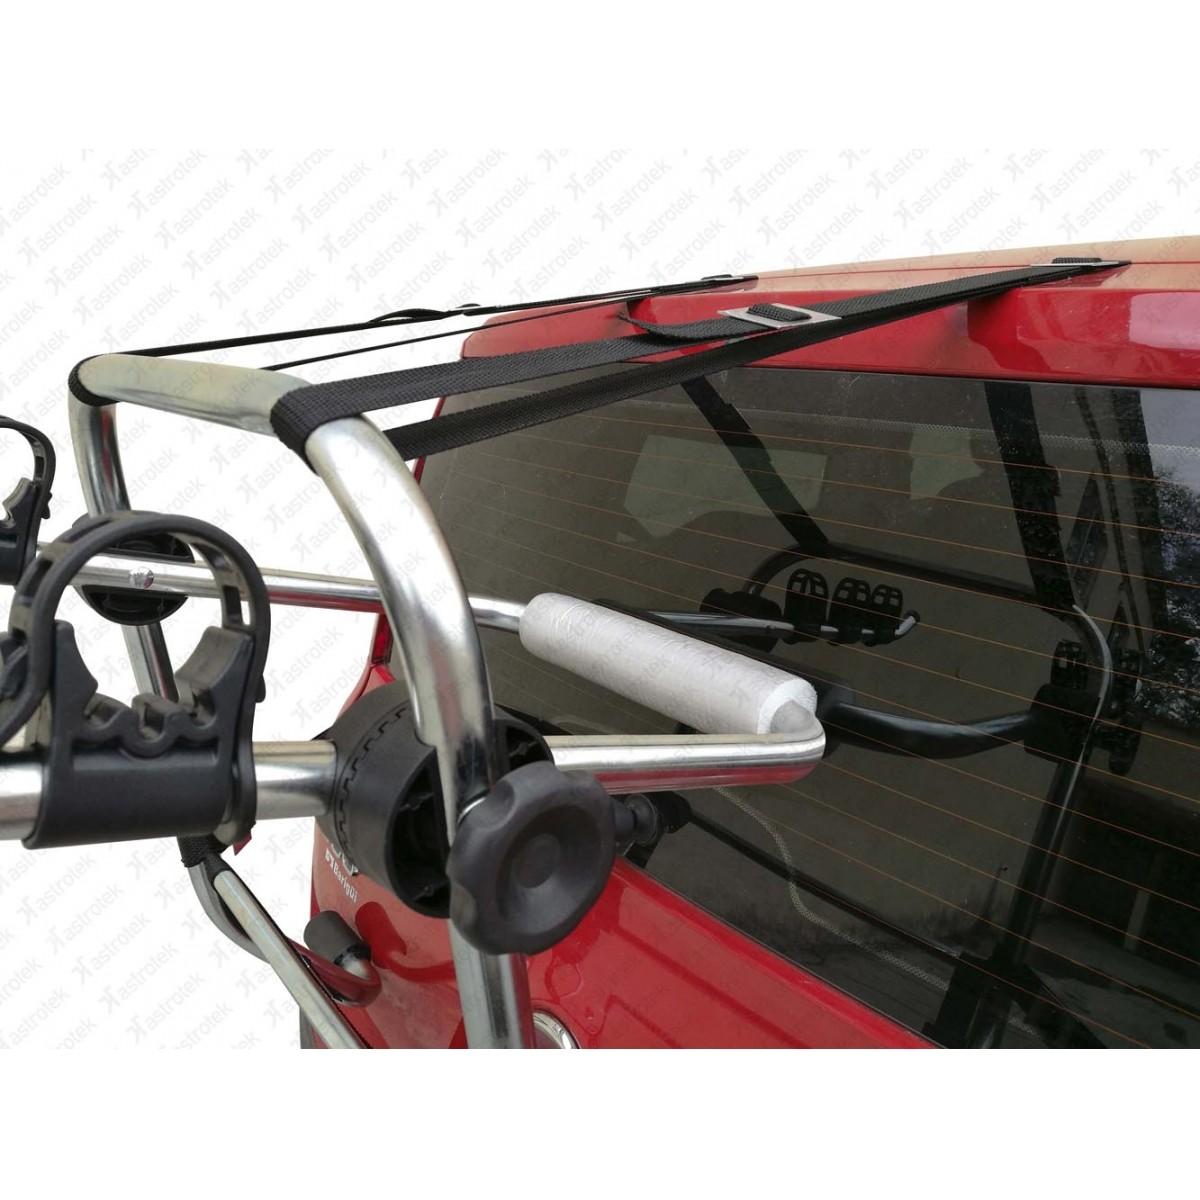 Transbike Para Porta Malas Galvanizado True Para 03 Bicicletas Modelo Alt